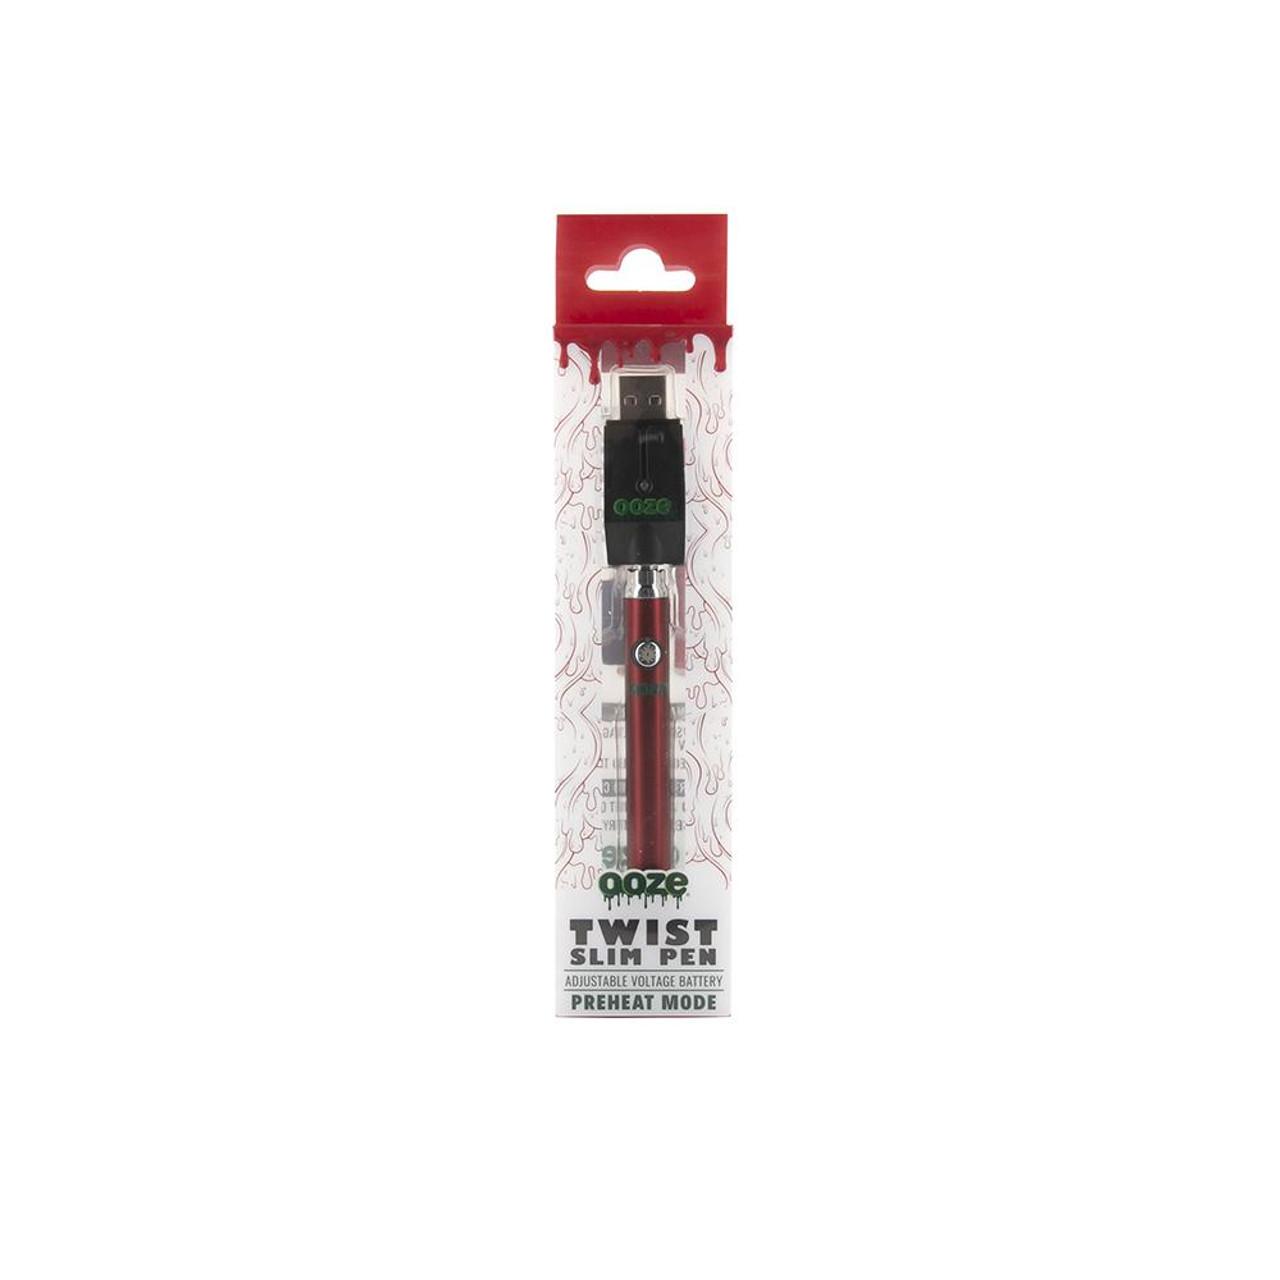 Ooze Slim Pen Twist Battery w/USB Charger cheap vaporizer vape pen Vaporizer wholesale wholesale vape UNS Wholesale Smoke Shop Distributor Head Shop Novelty Supplies Wholesale